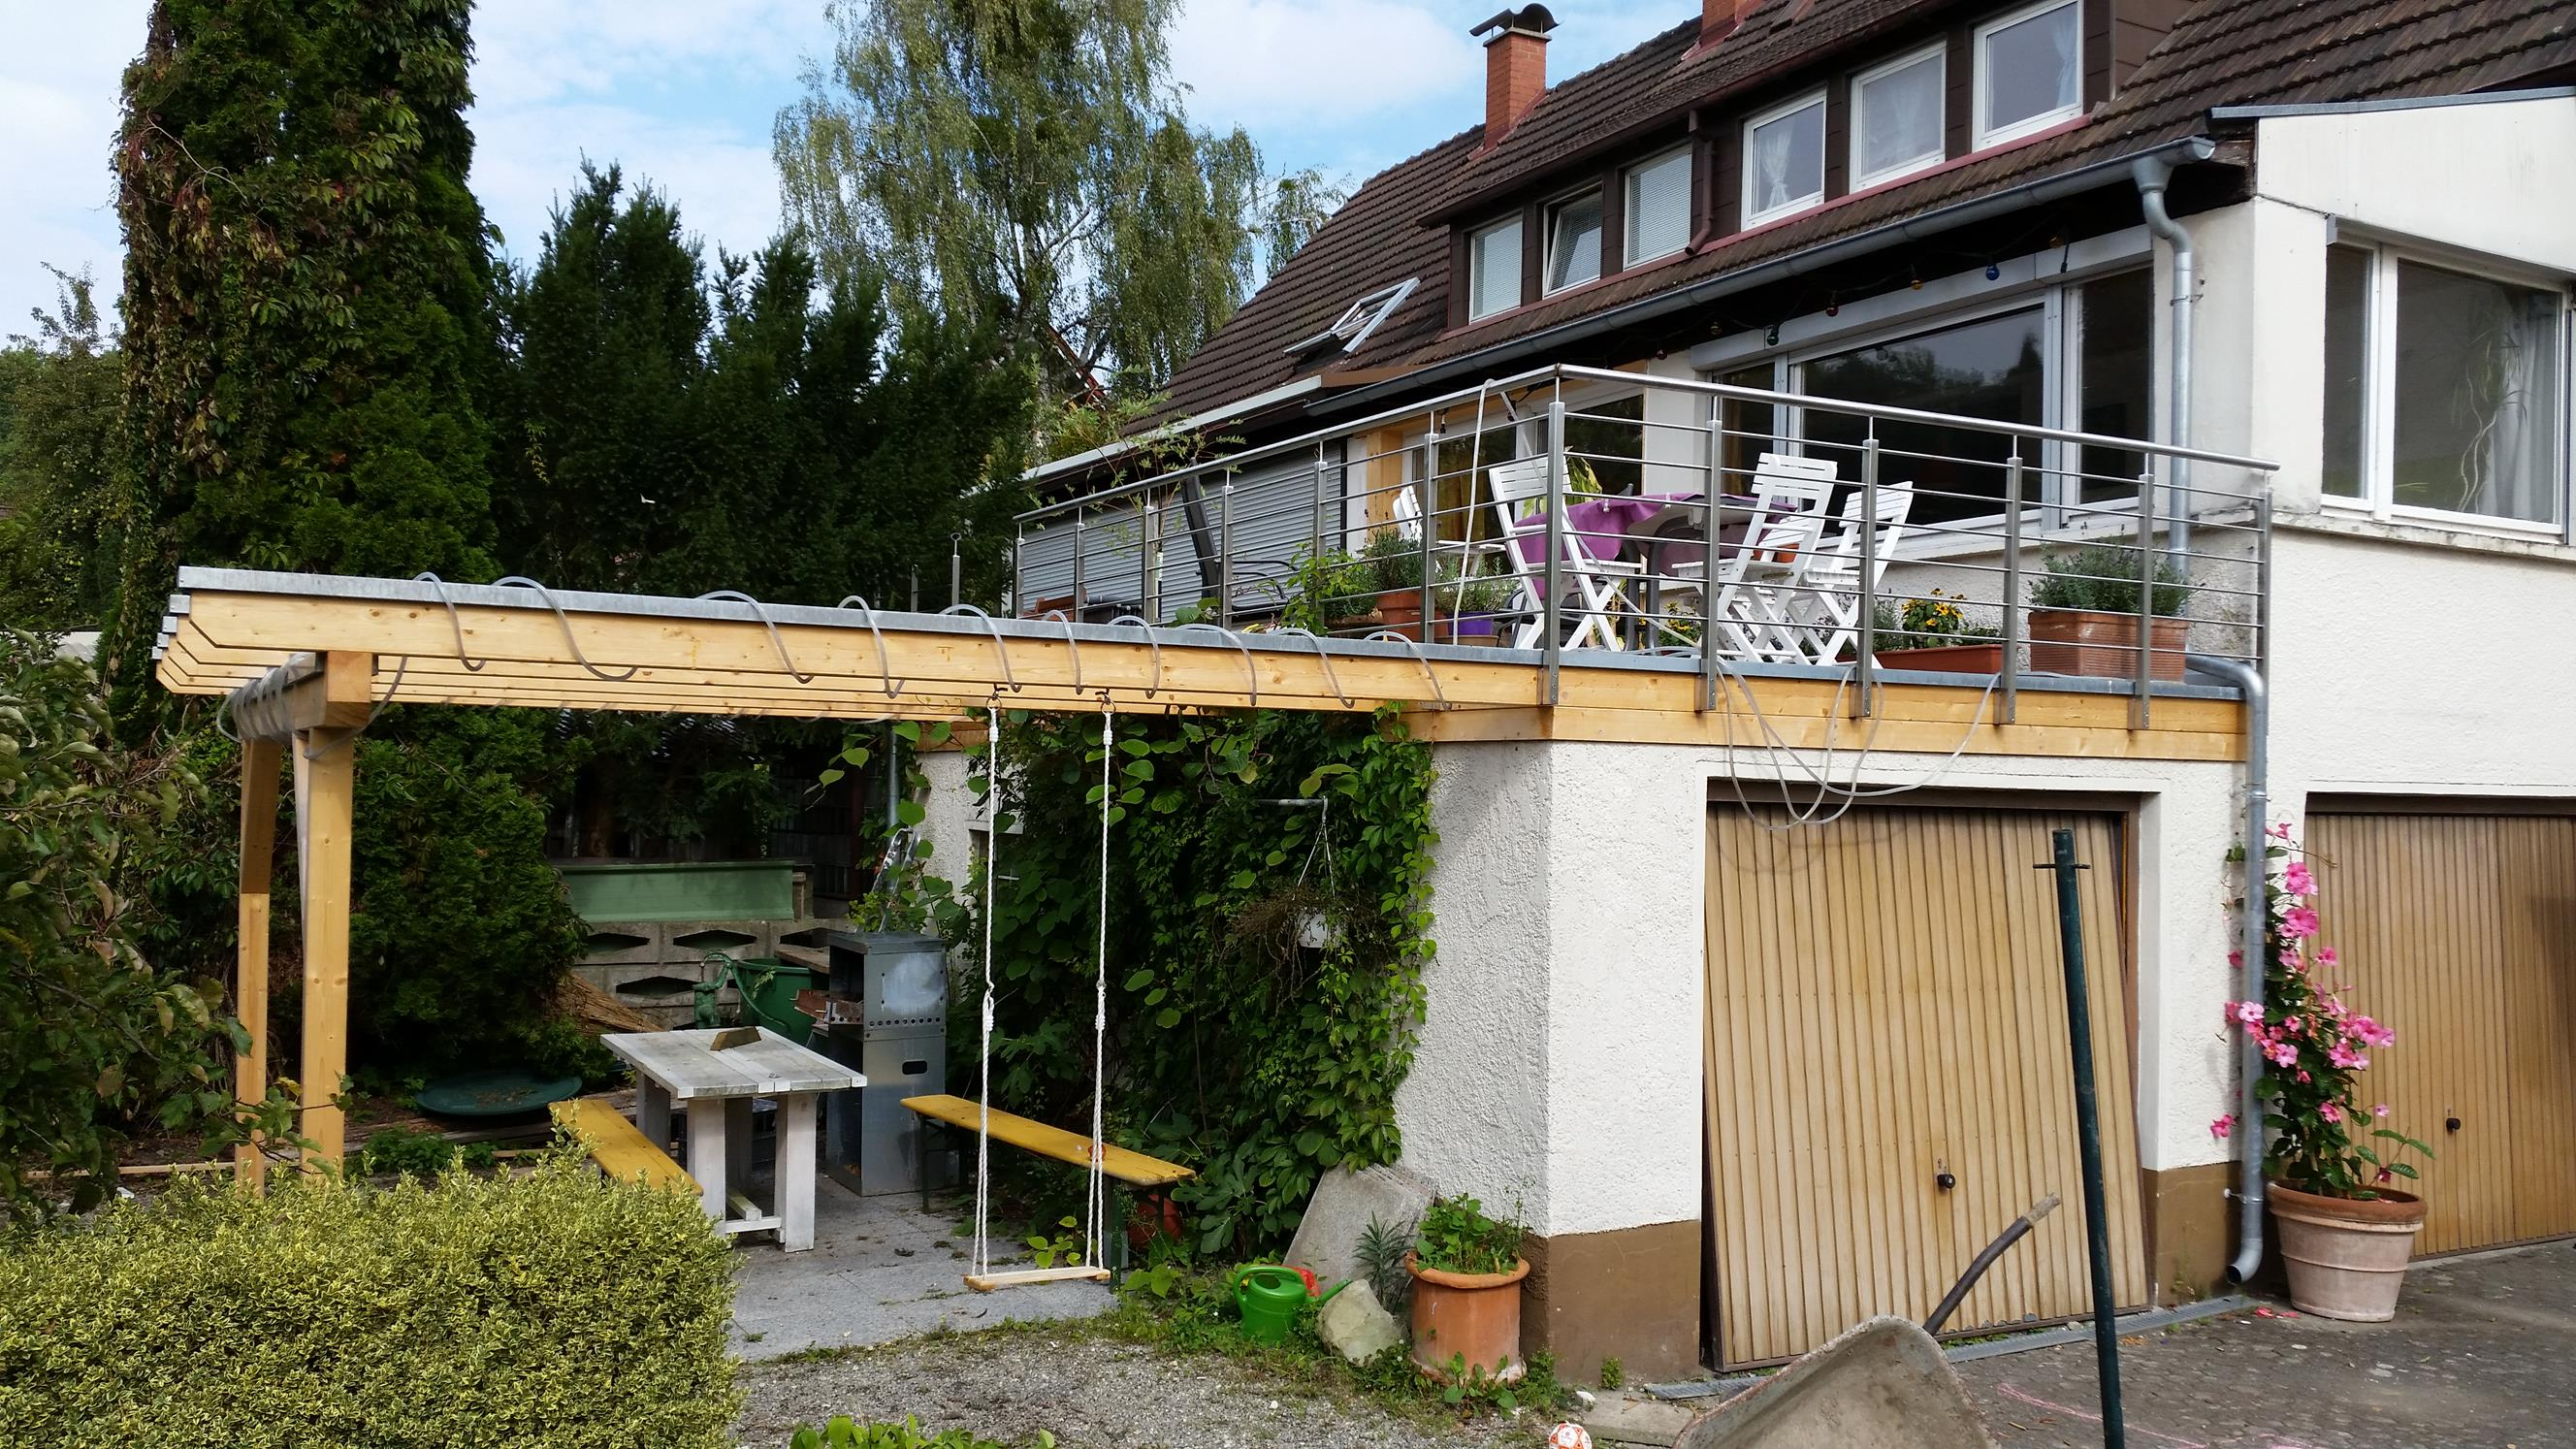 terrasse auf alter garage in radolfzell werner ettwein gmbh. Black Bedroom Furniture Sets. Home Design Ideas